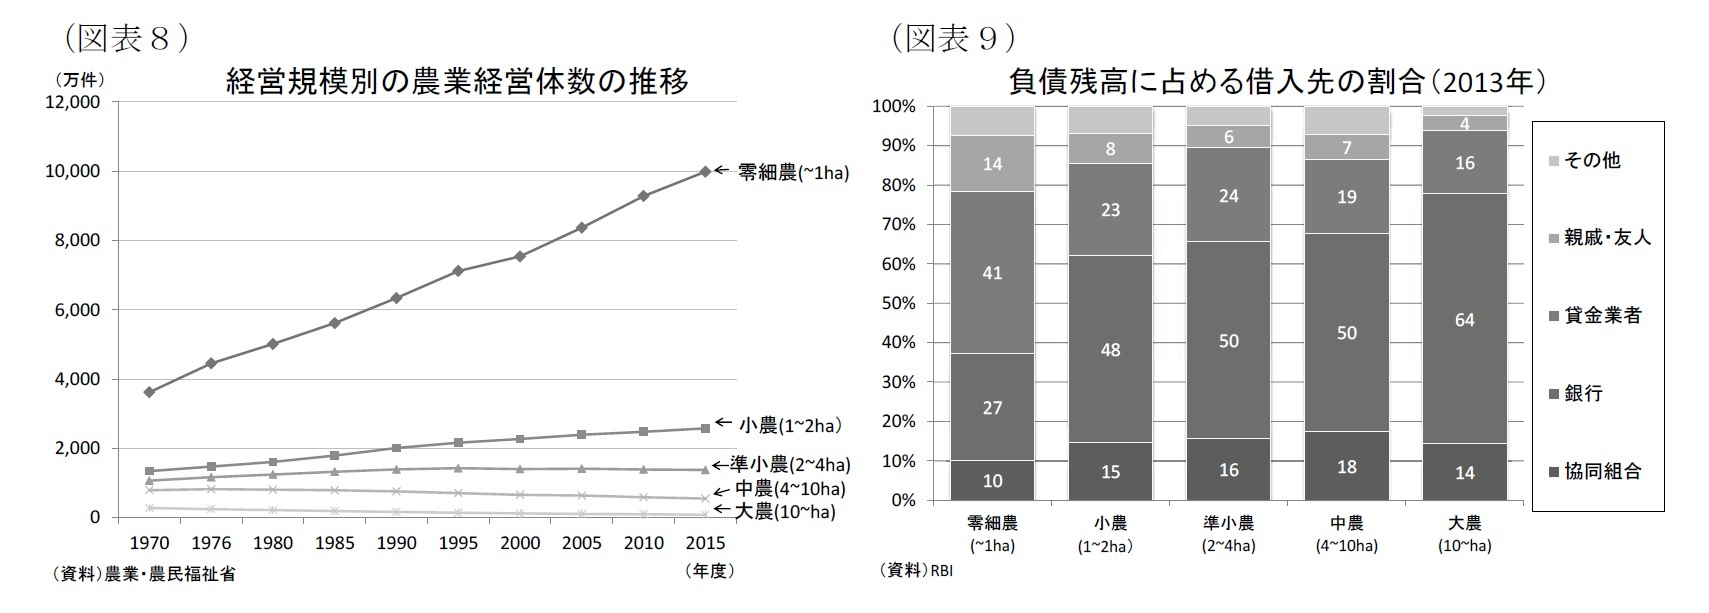 (図表8)経営規模別の農業経営体数の推移/(図表9)負債残高に占める借入先の割合(2013年)